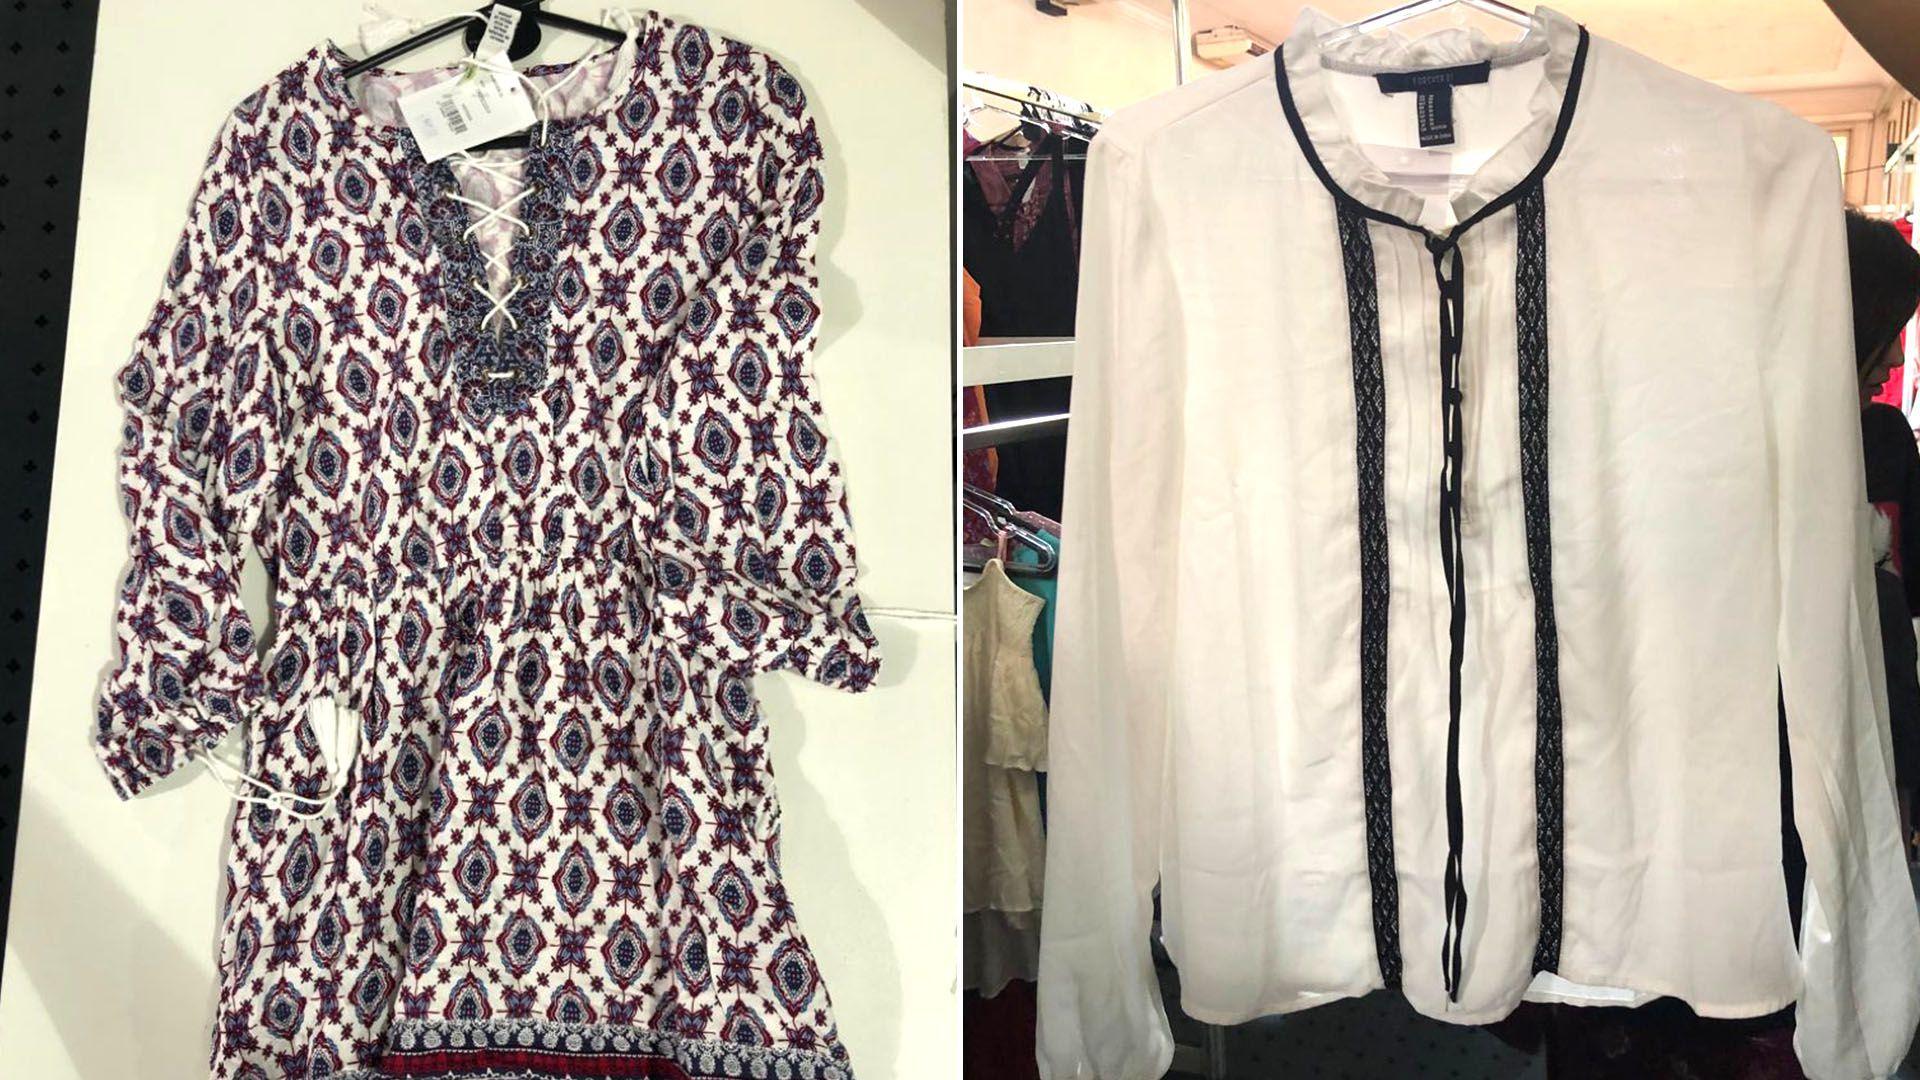 Los vestidos $2499; y blusas por $2199. Así son los precios de Forever 21 en Argentina